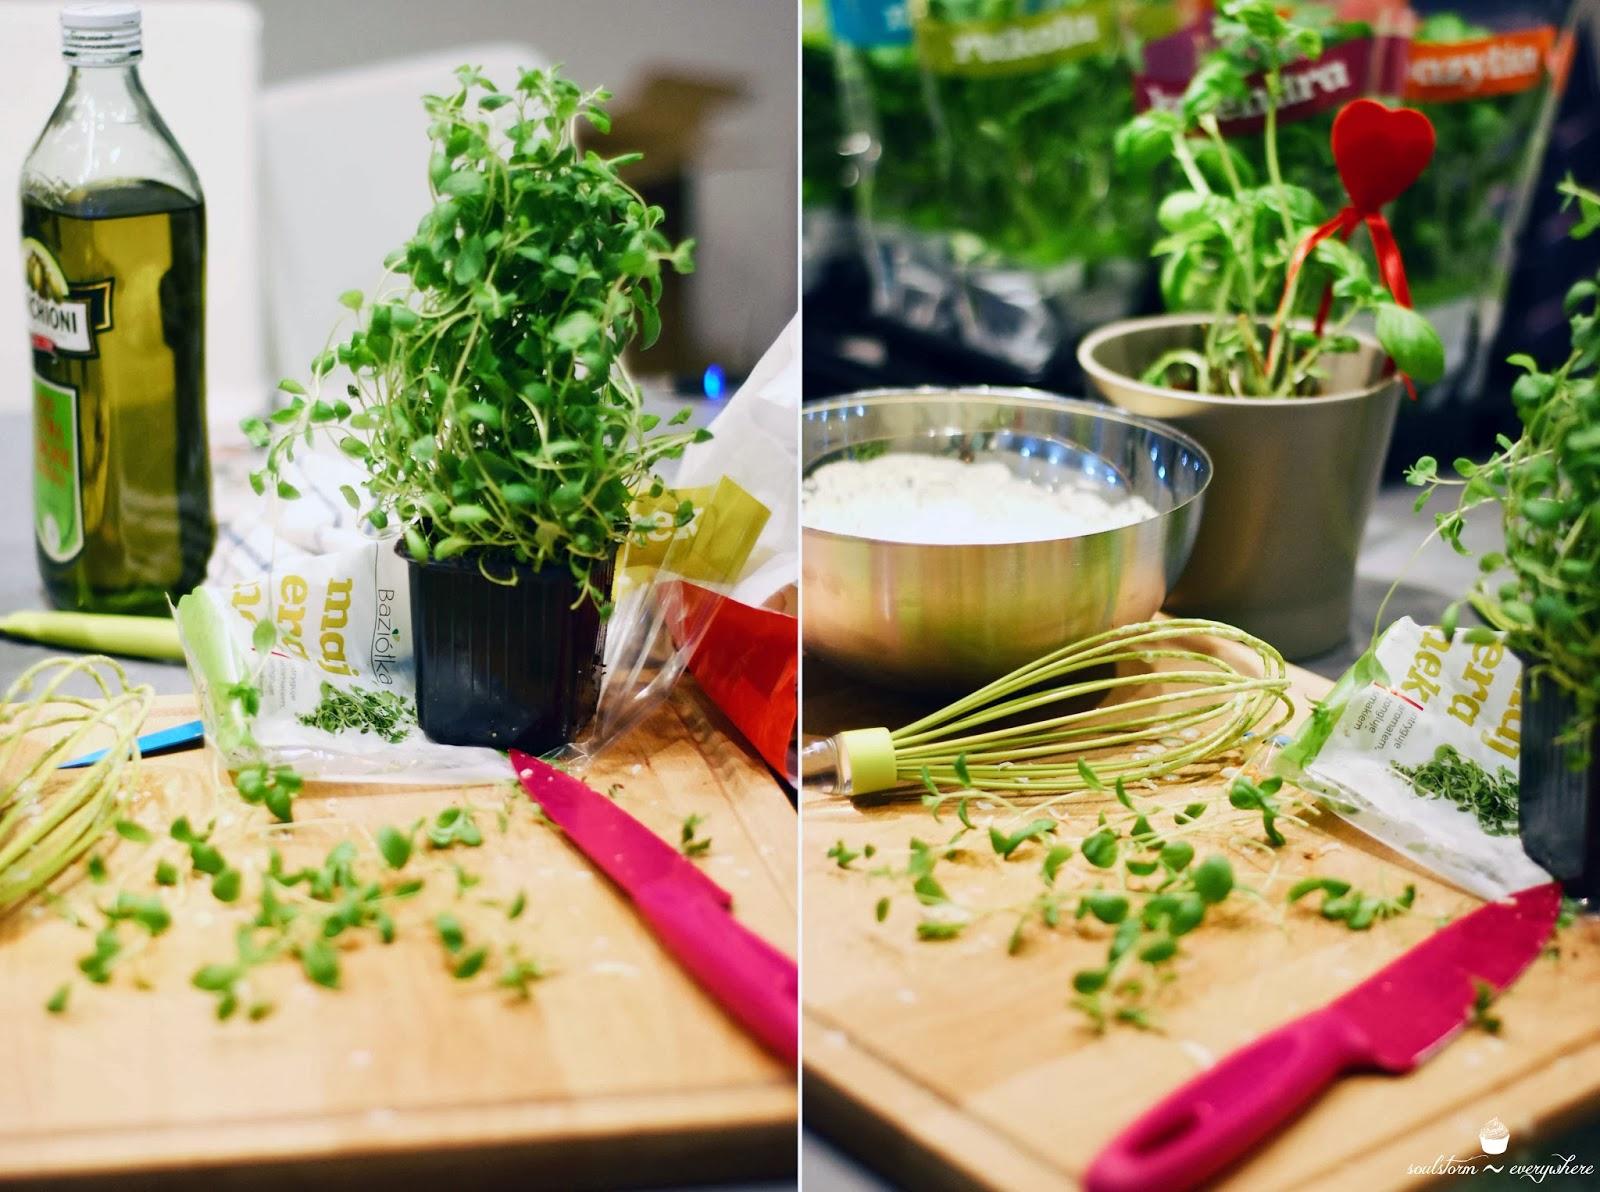 Świeże zioła - najlepsze!